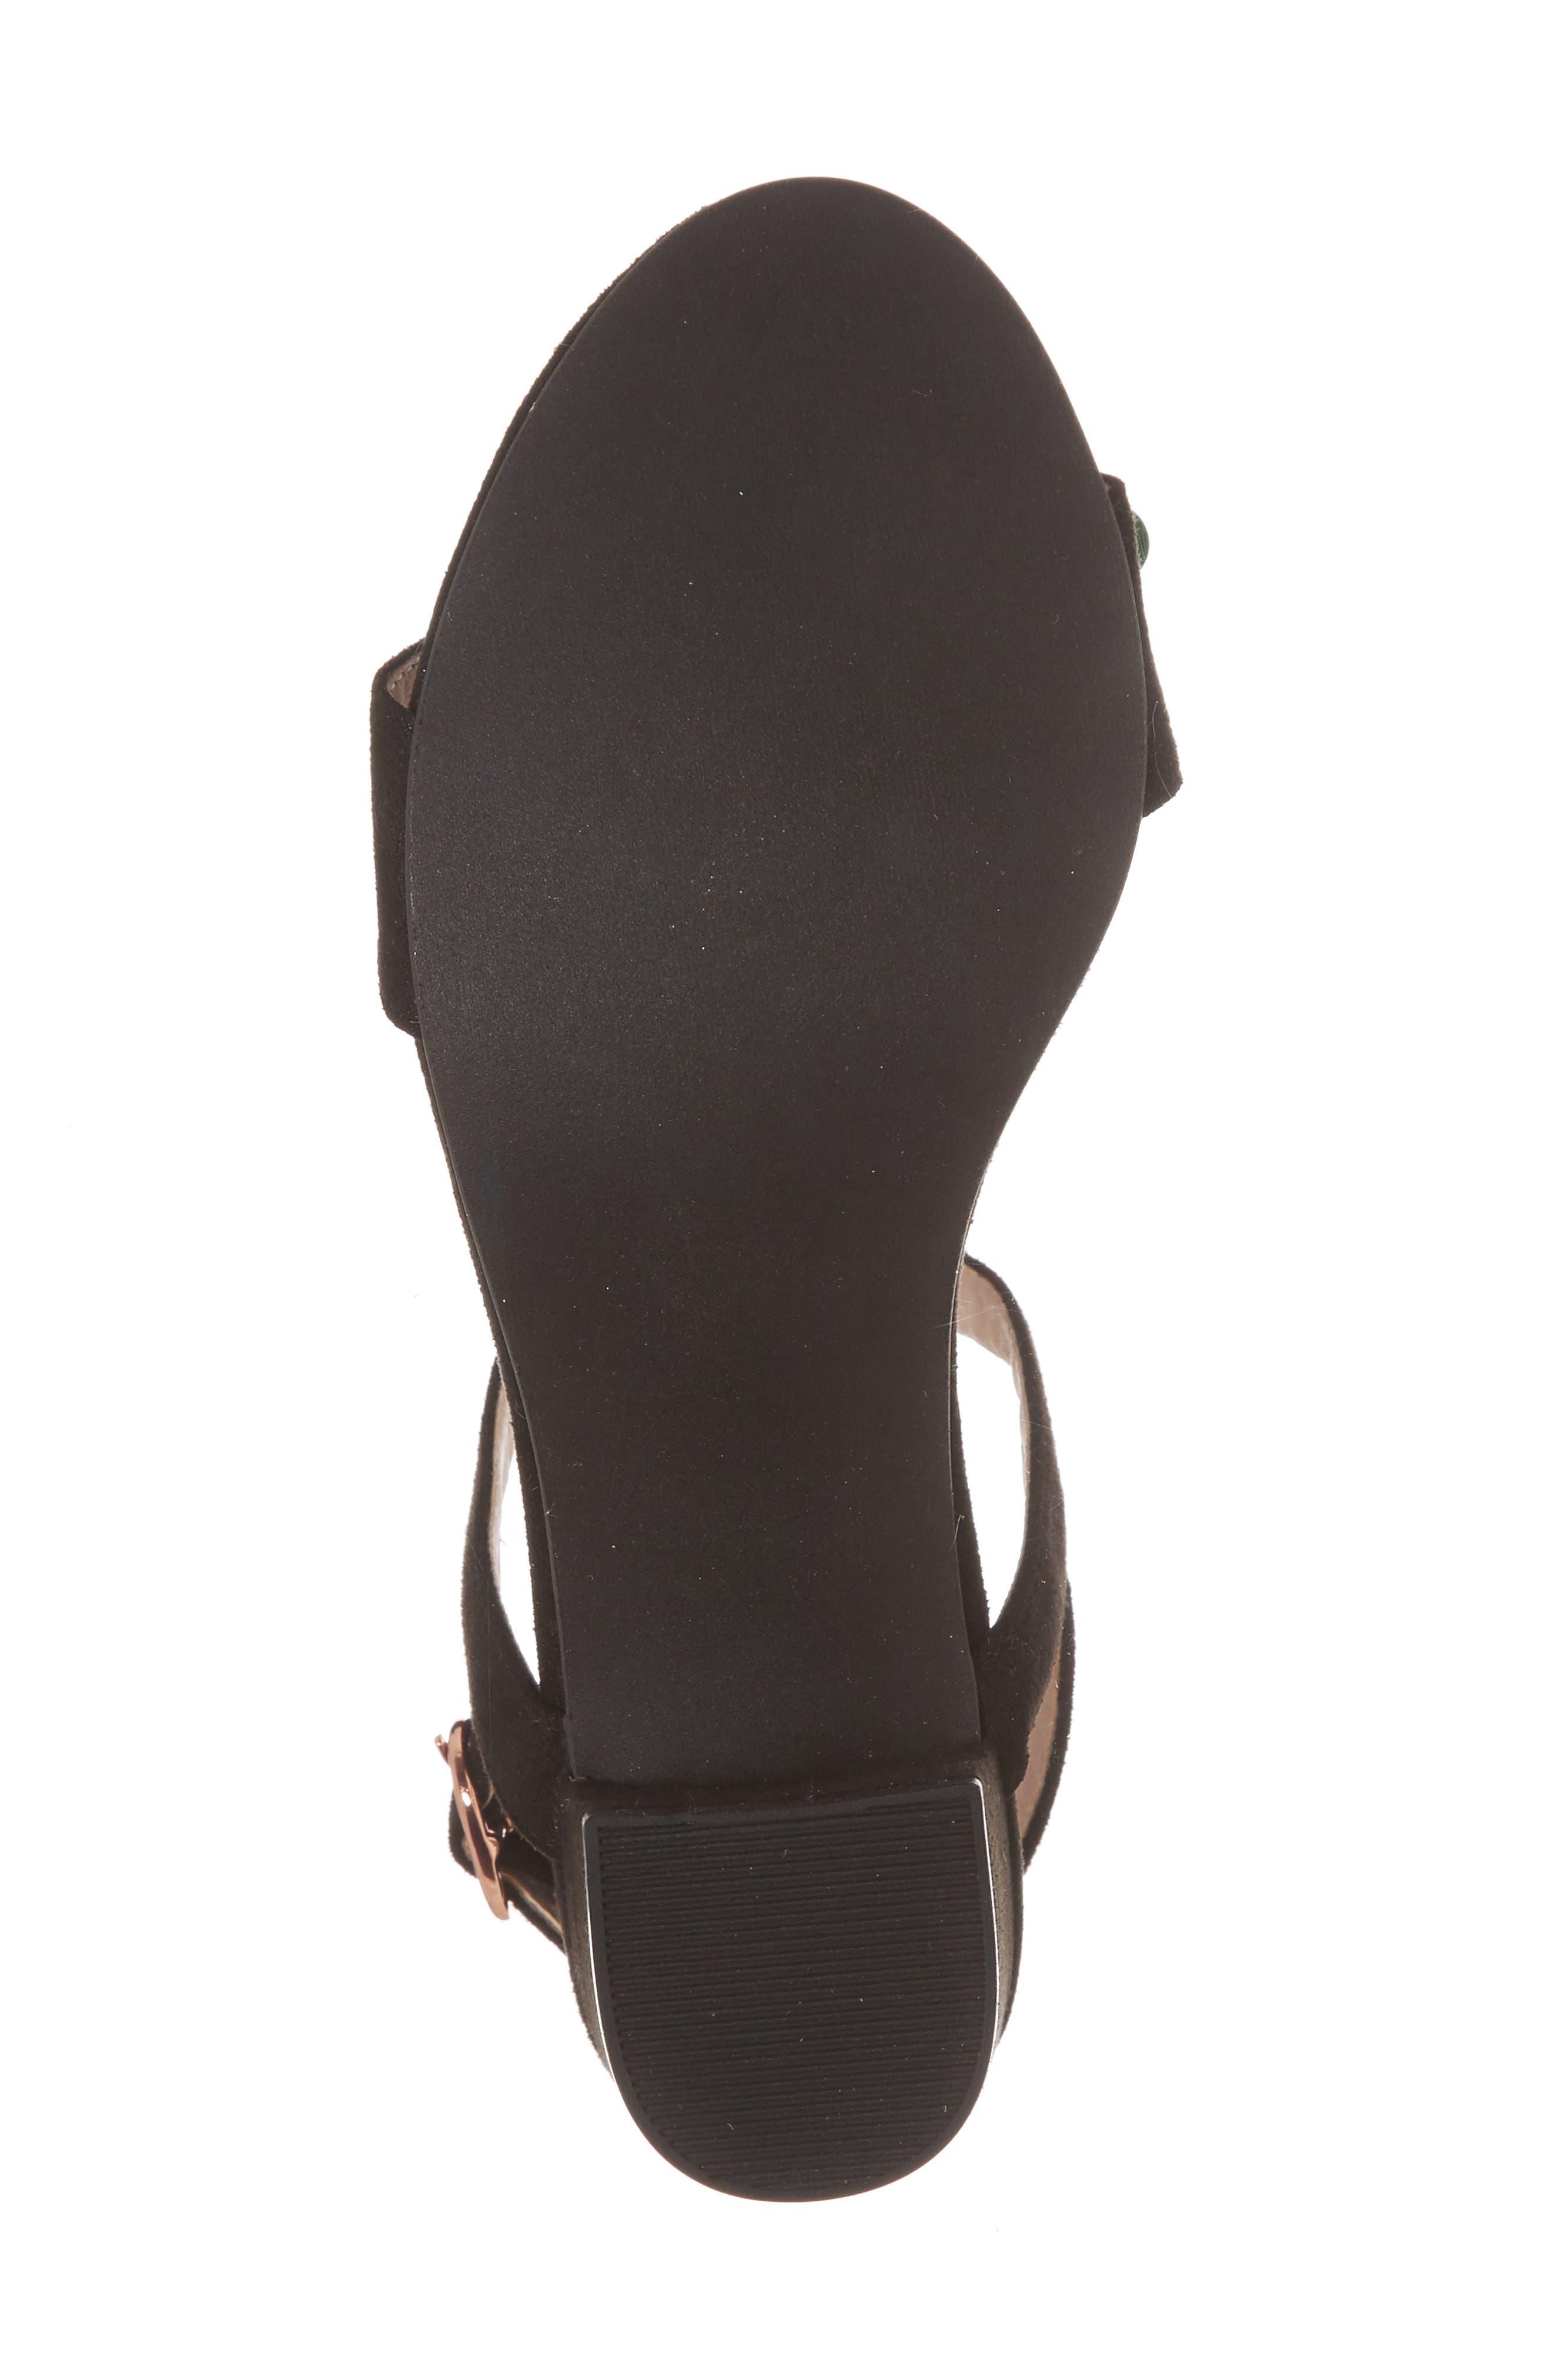 Dina Floral Embellished Sandal,                             Alternate thumbnail 6, color,                             Black Fabric